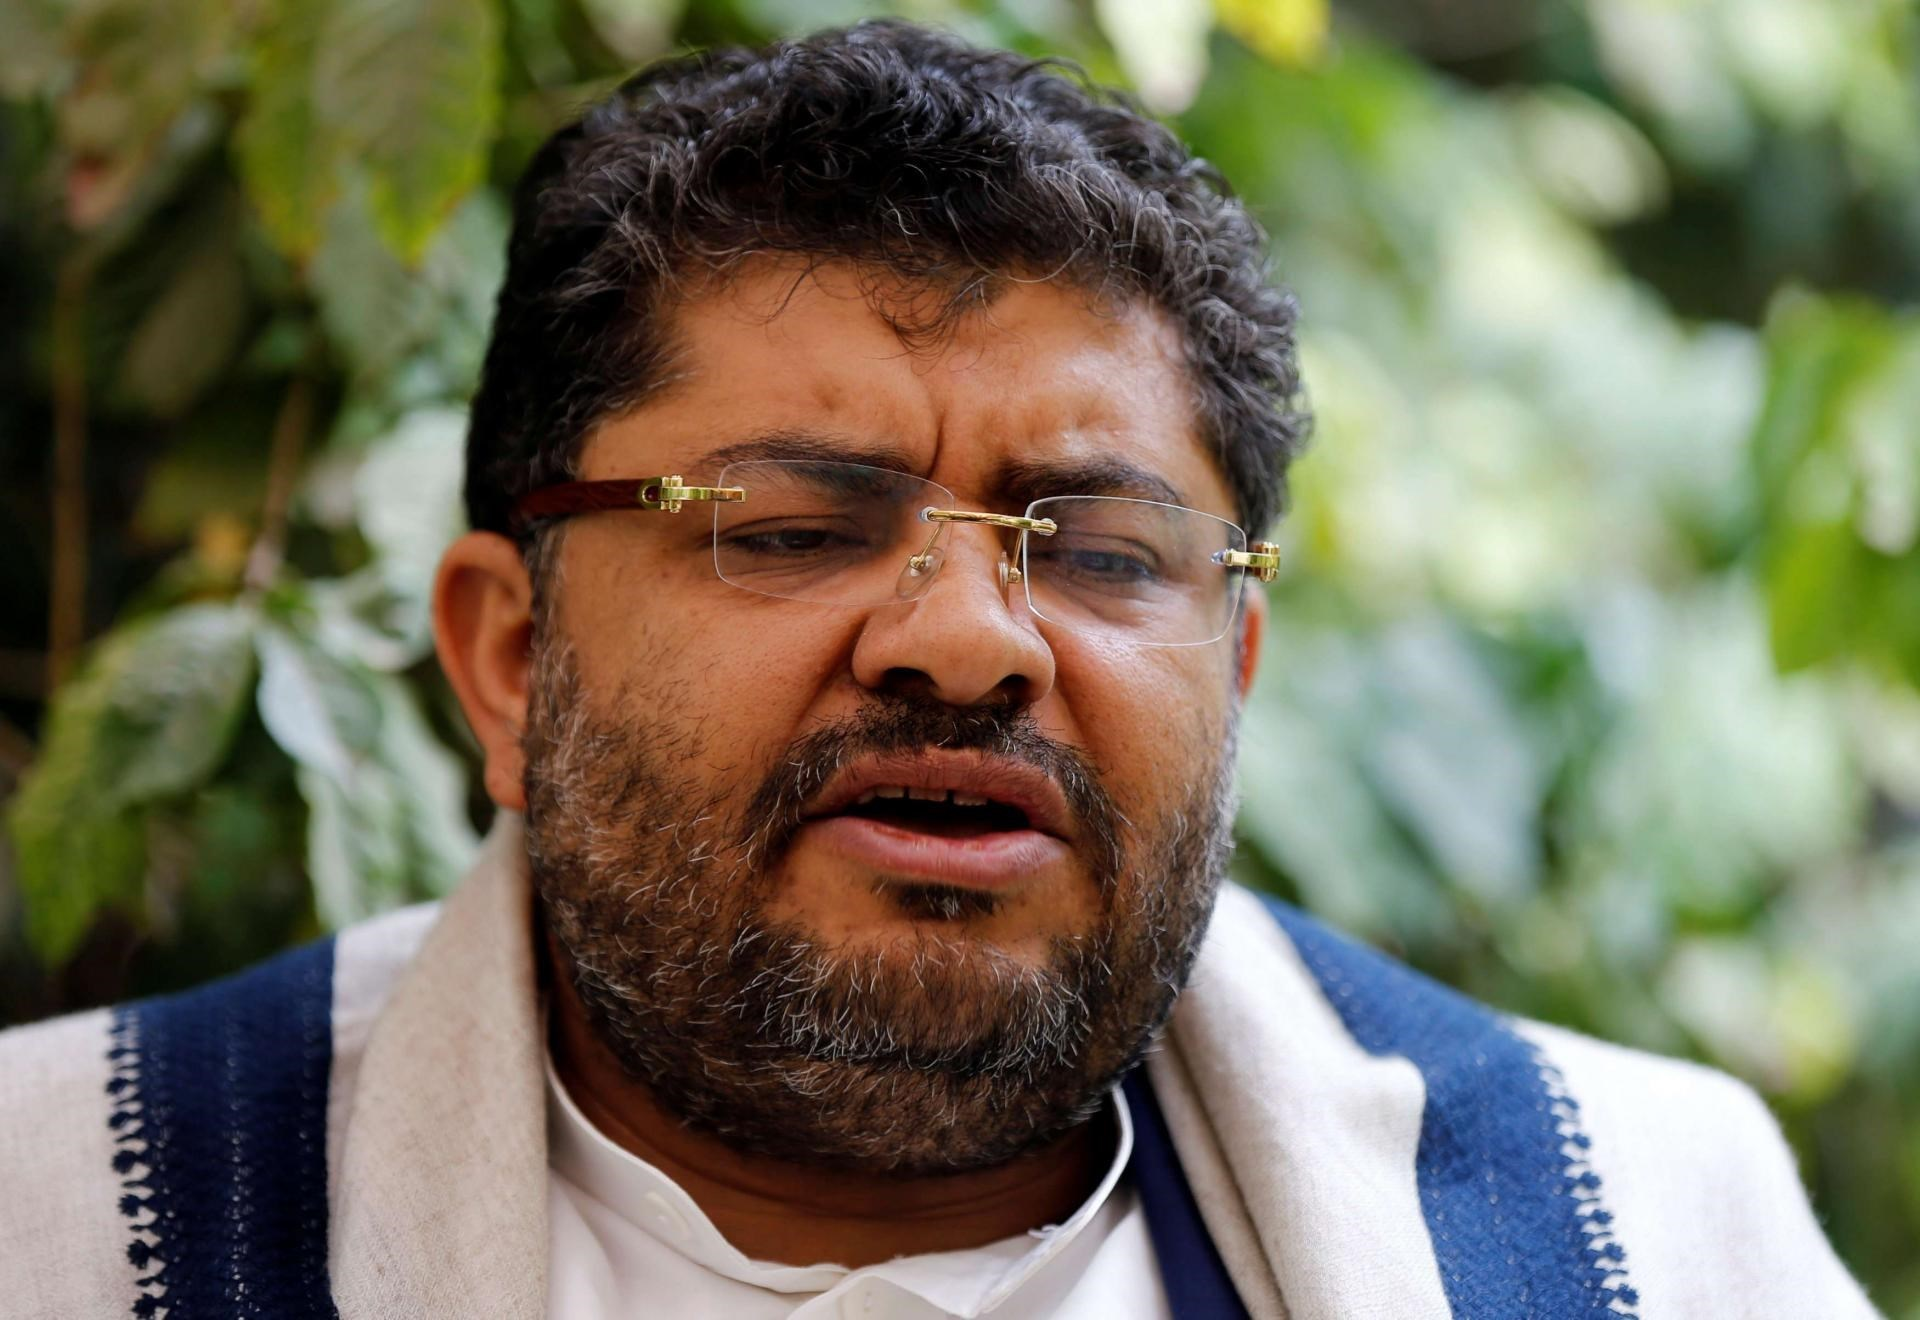 عضو المجلس السياسي الأعلى في اليمن محمد علي الحوثي